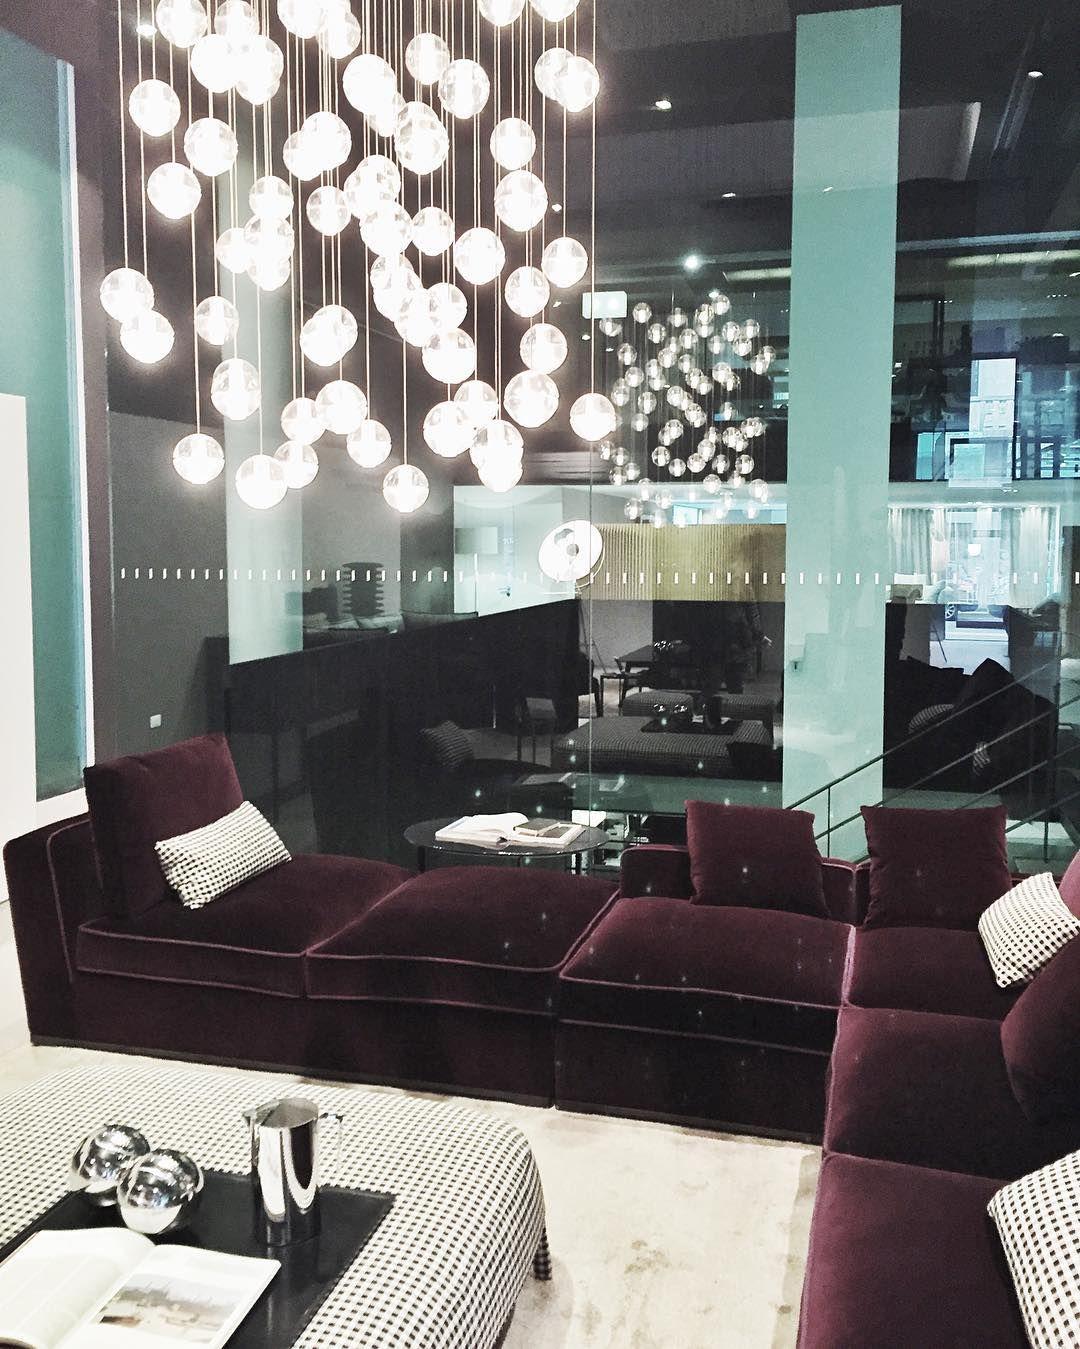 B b italia maxalto showroom in milan bebitalia milan for B b italia milano